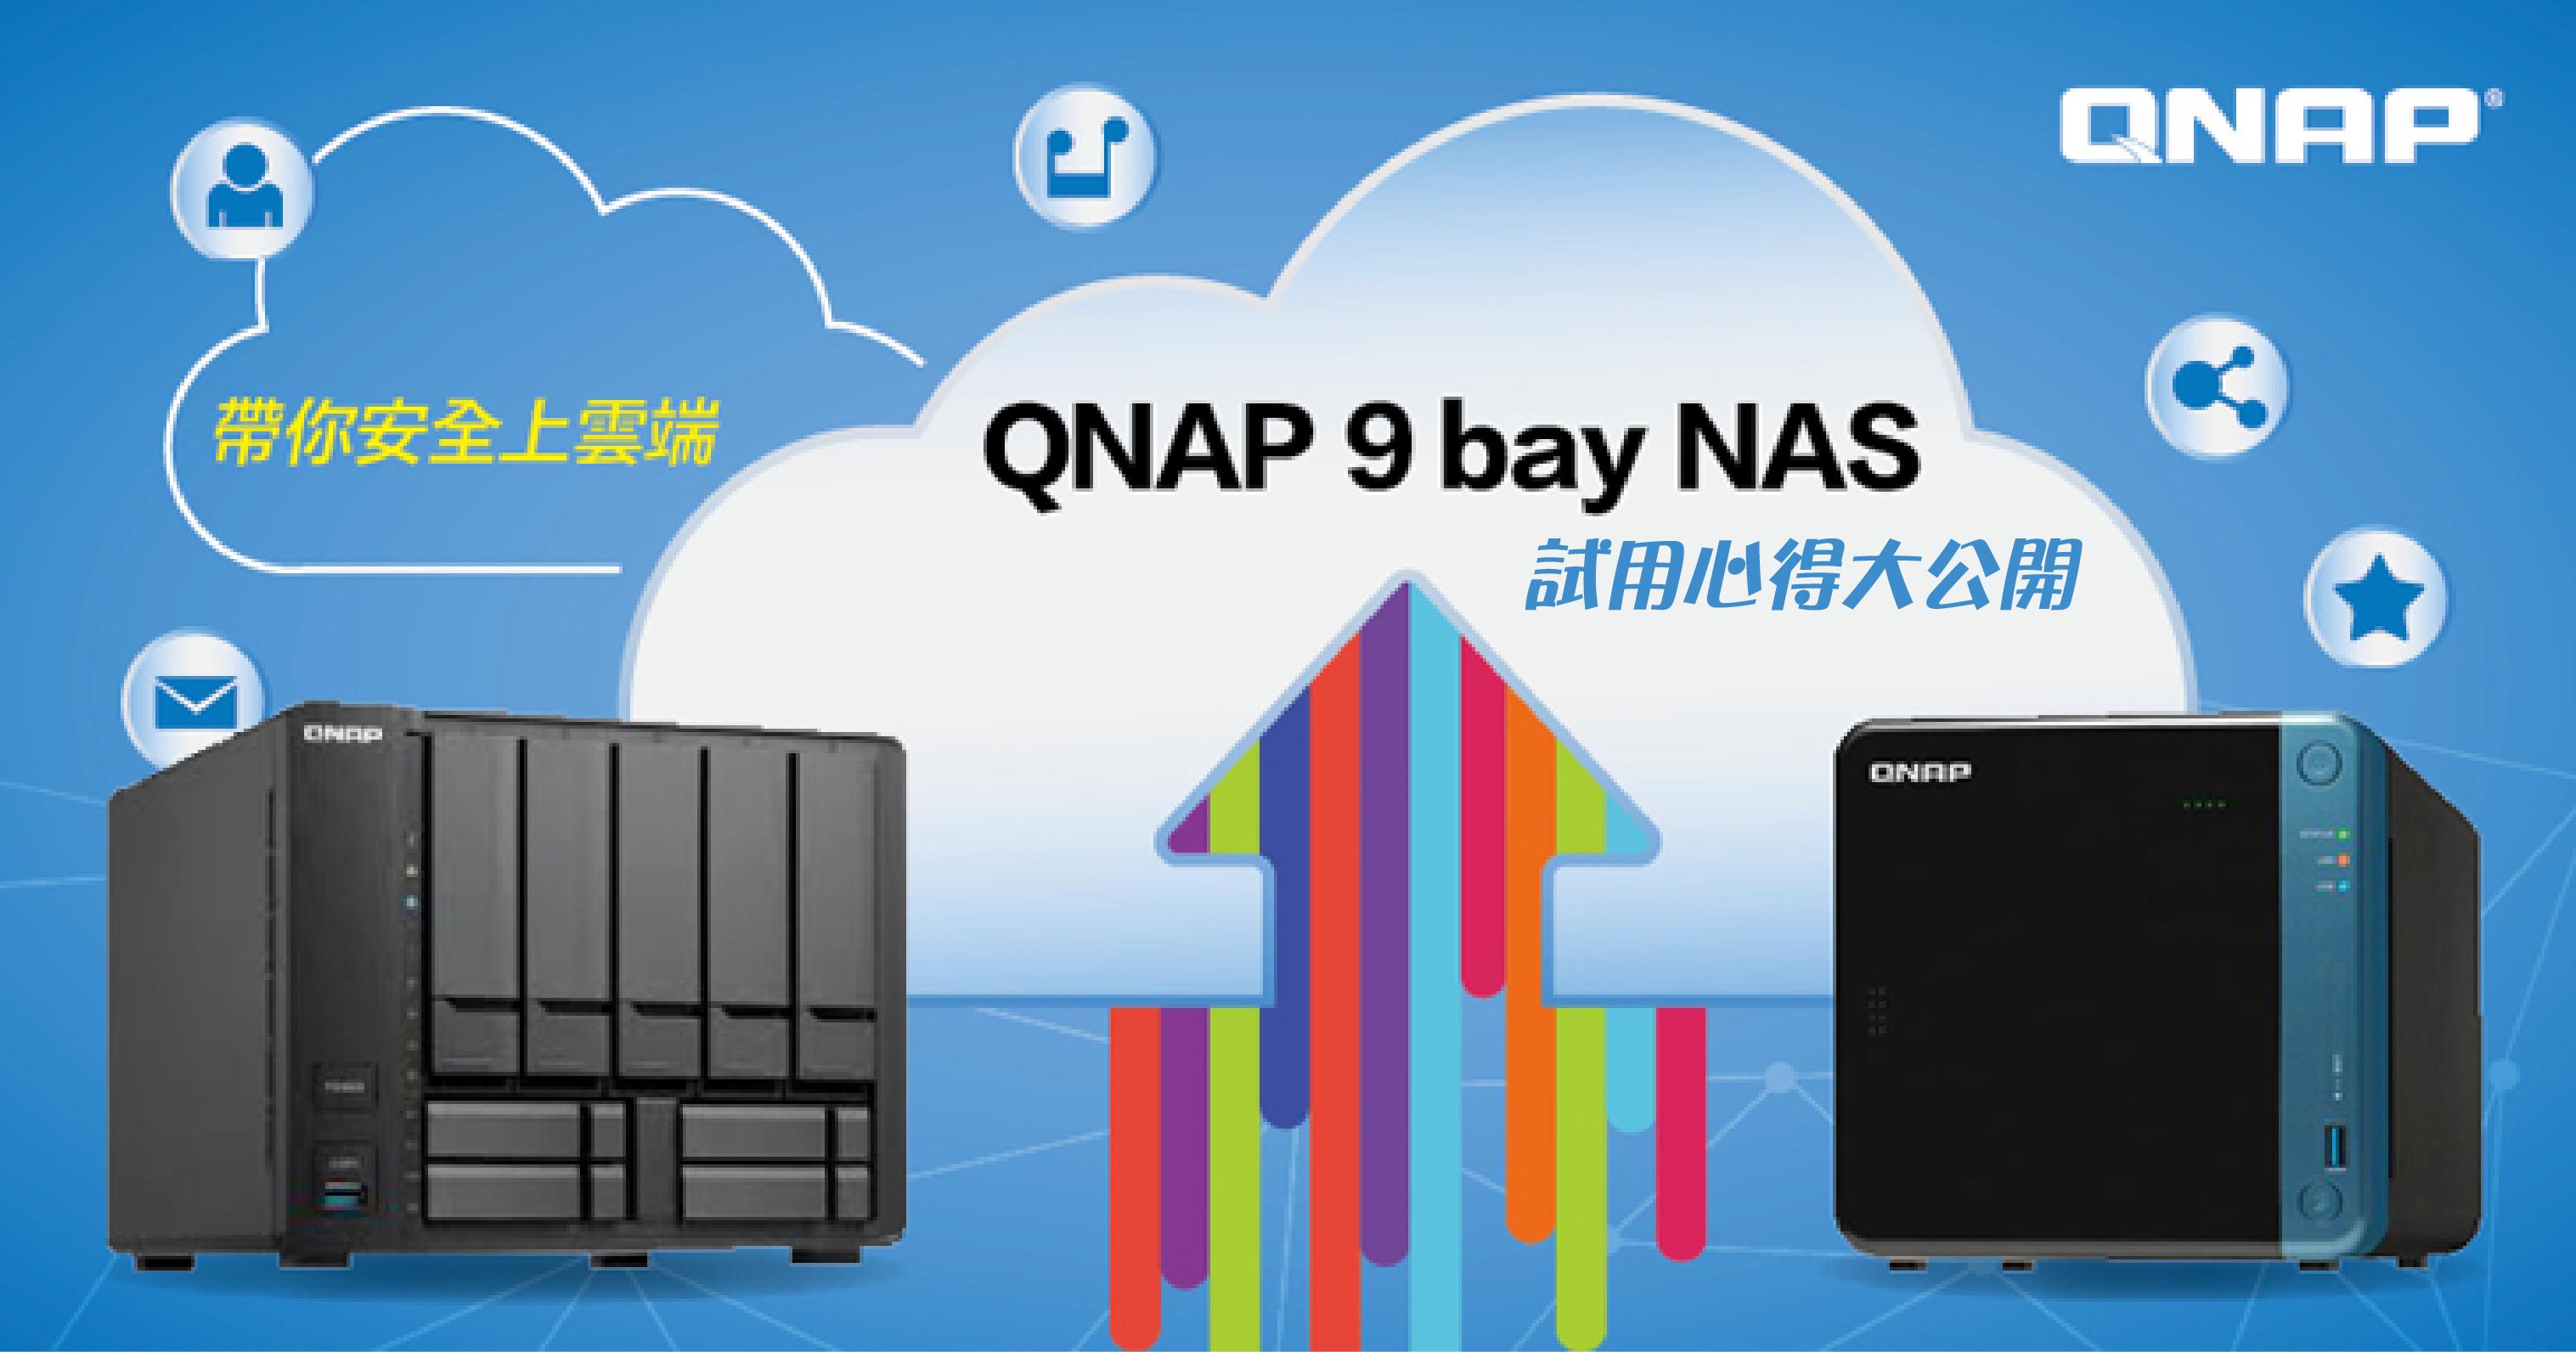 【心得大公開】QNAP 9 bay NAS 安全上雲端!影音玩家、文書處理一次包辦,簡直是個人智慧秘書!效能速度的表現如何呢?菁英試玩心得集錦